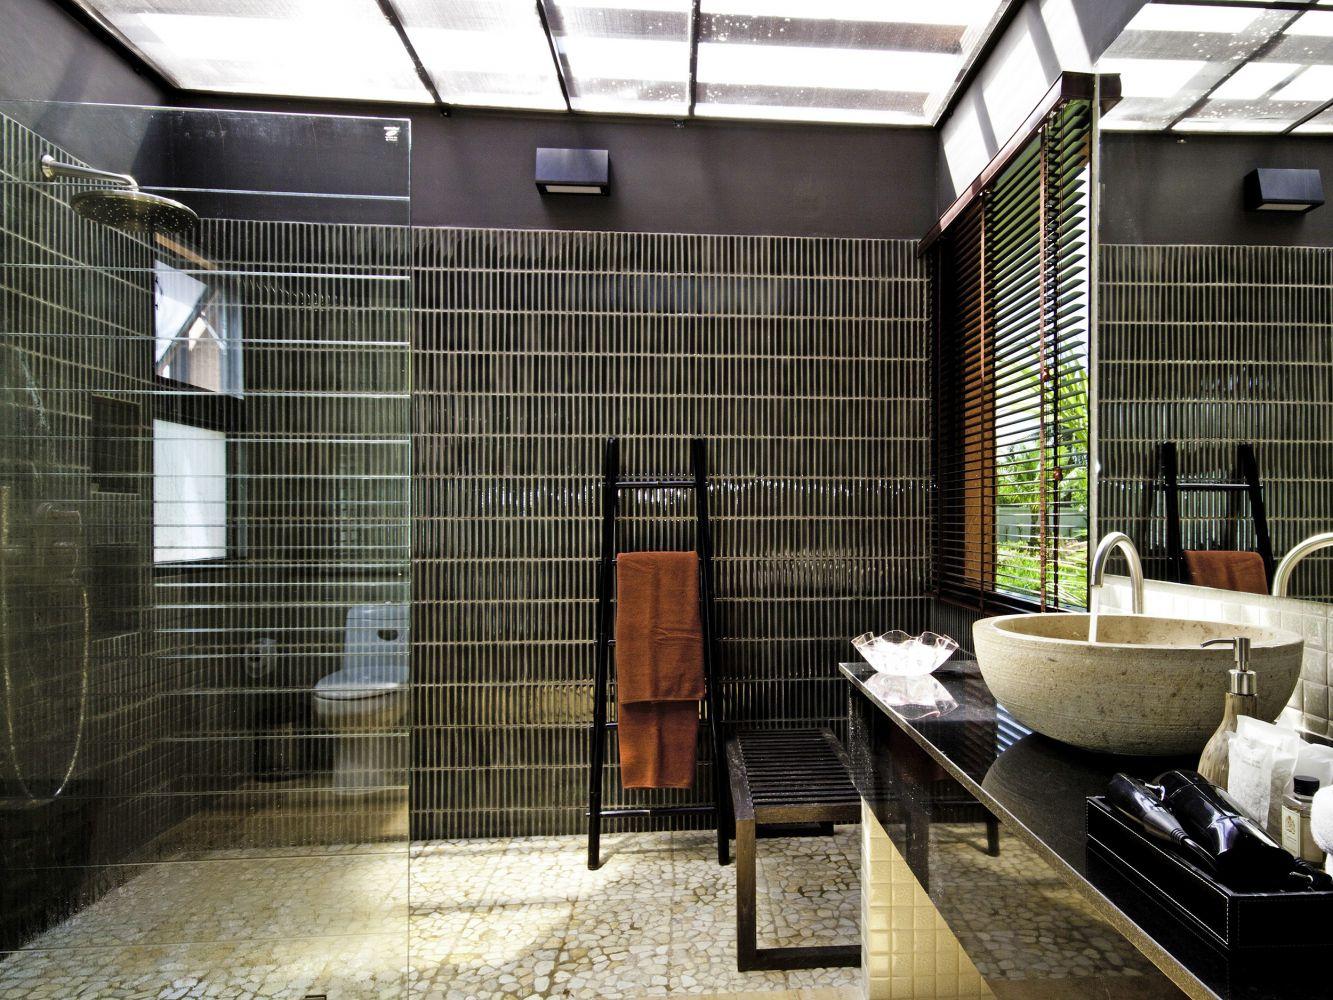 Ванная комната с душевой кабиной в стиле модерн